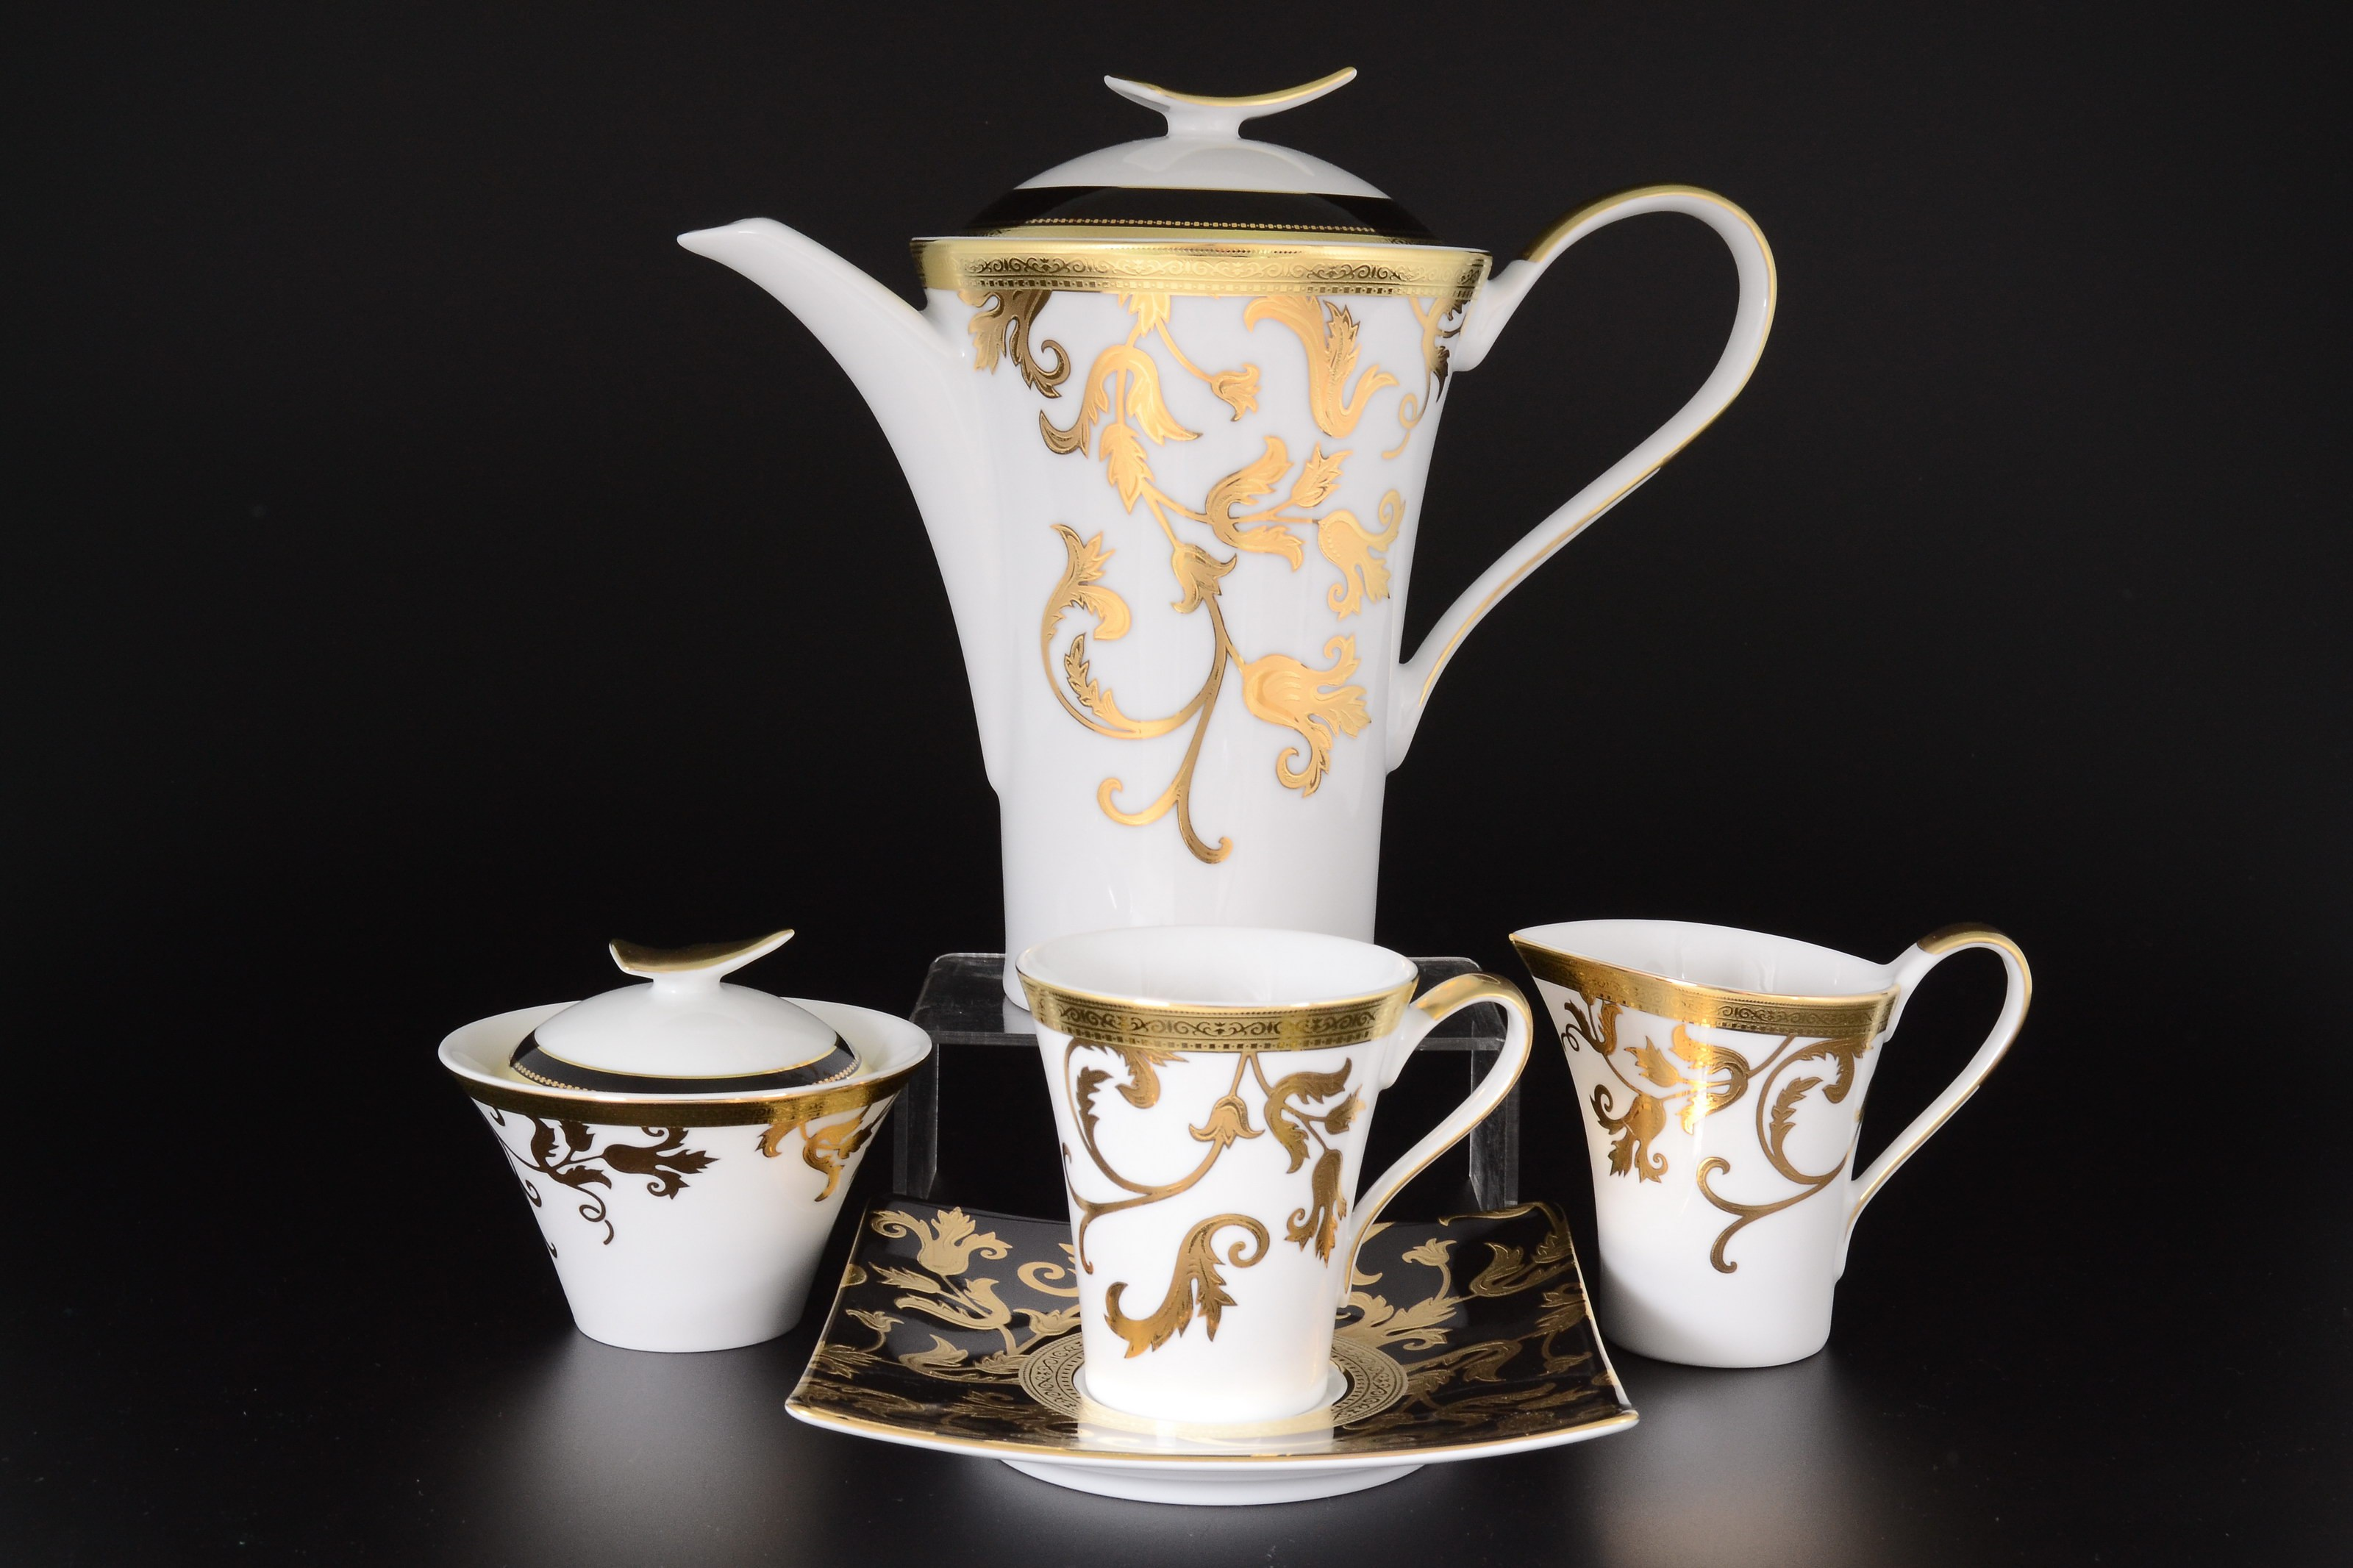 Фарфоровый чайный сервиз TOSCA BLACK GOLD от Falkenporzellan на 6 персон, 17 предметов (квадратные блюдца)